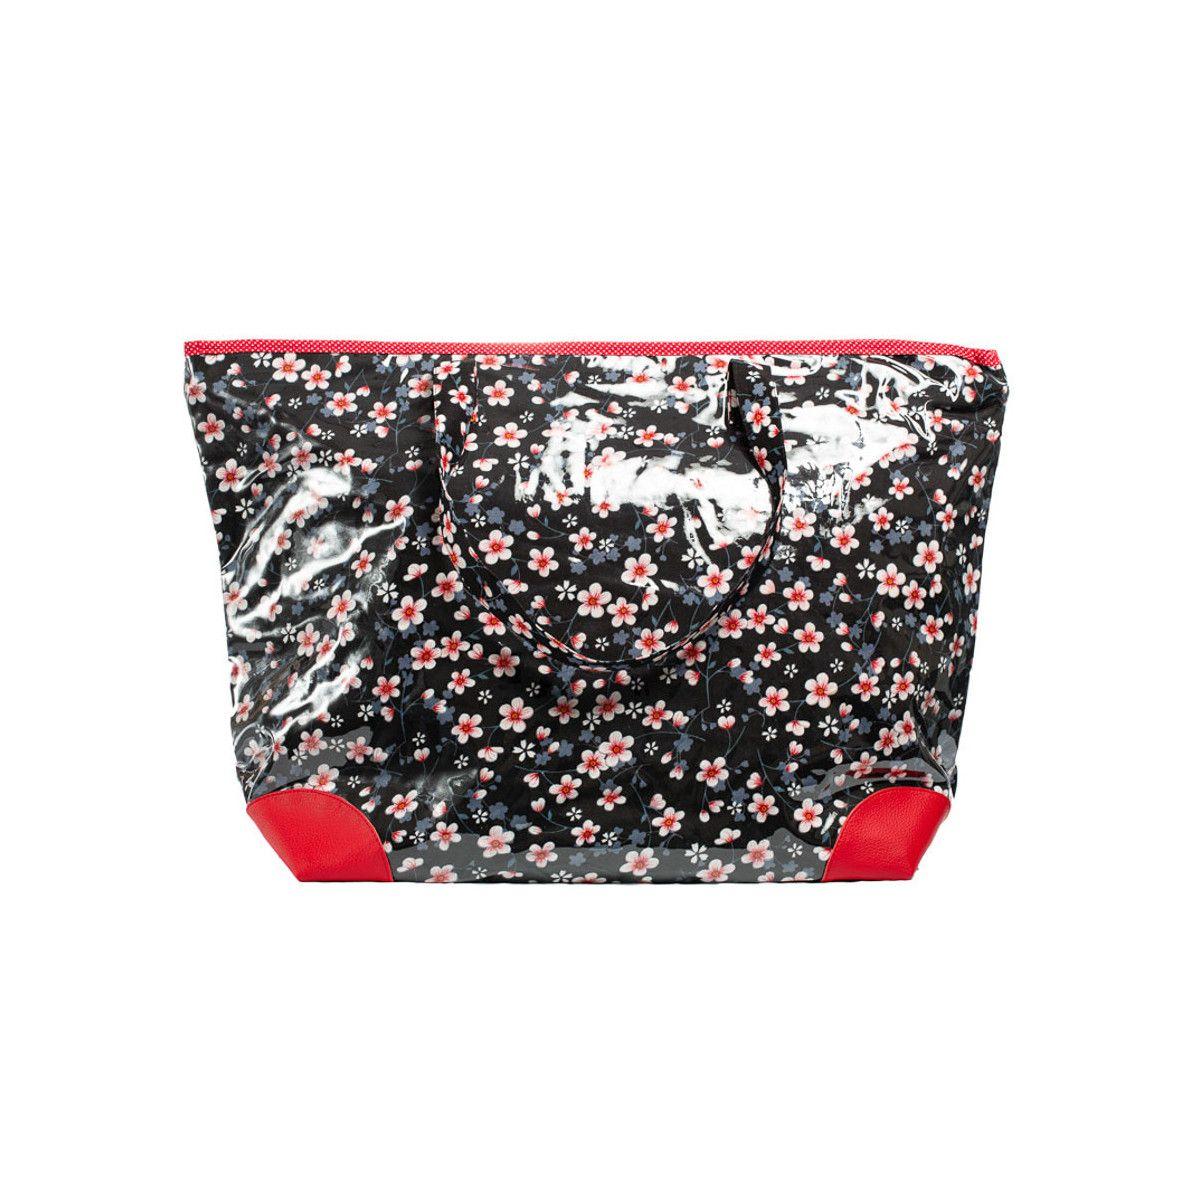 Grand sac cabas étanche tissu rouge et noir à fleurs